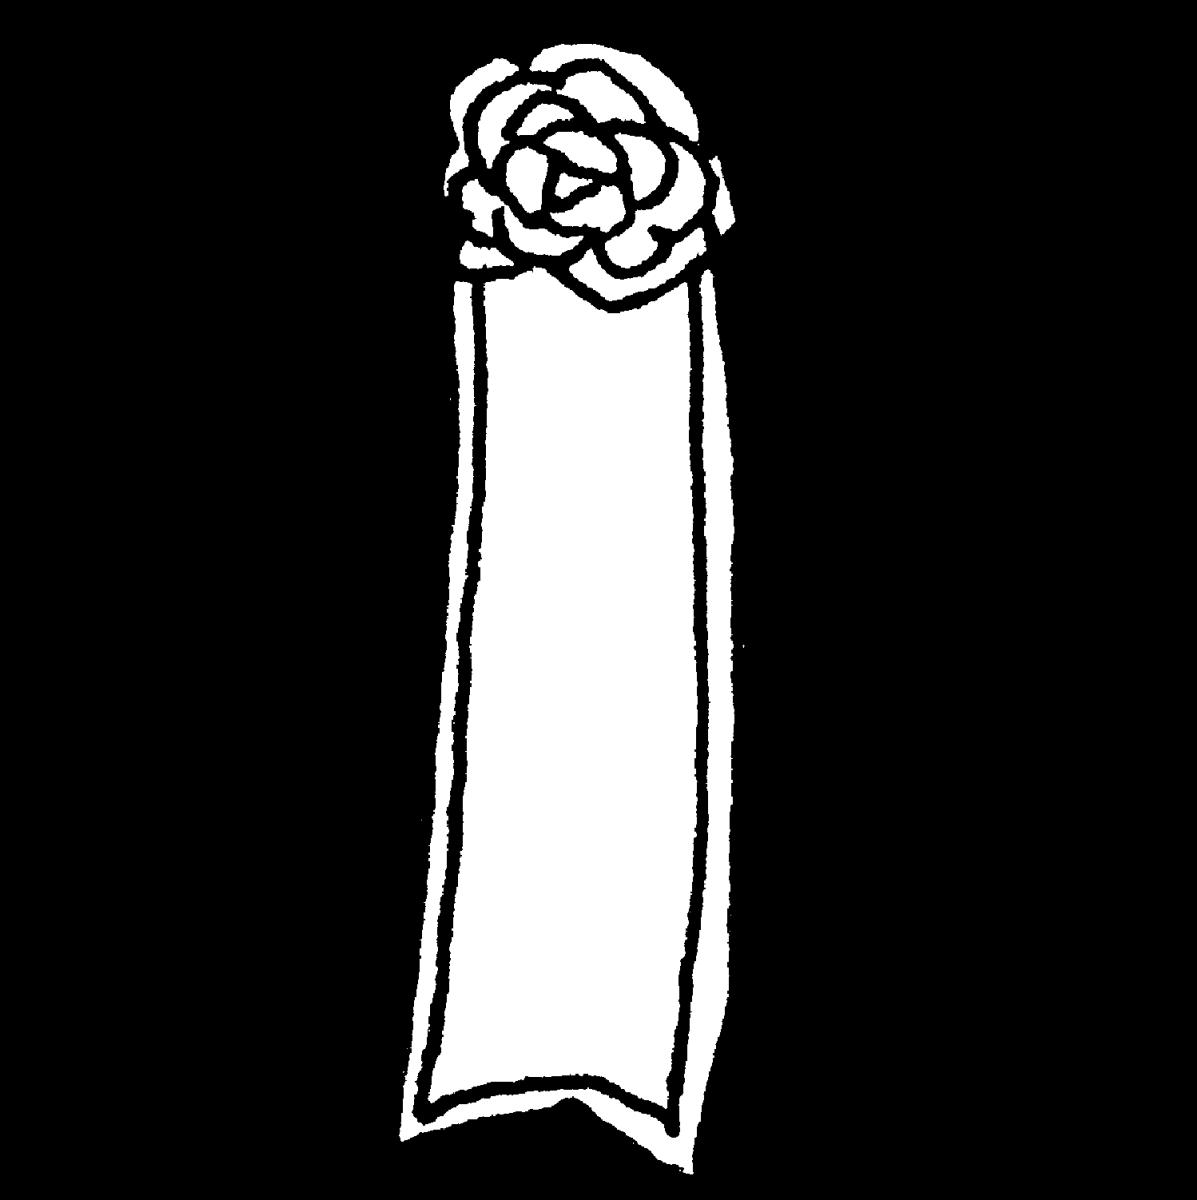 リボン胸章のイラスト / Ribbon chest Illustration